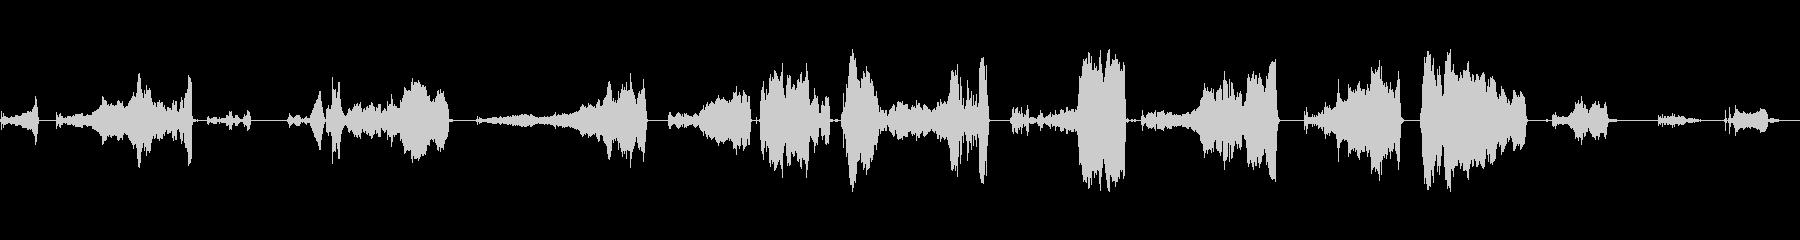 ロシアのイノシシ:他の野生動物の鳴...の未再生の波形